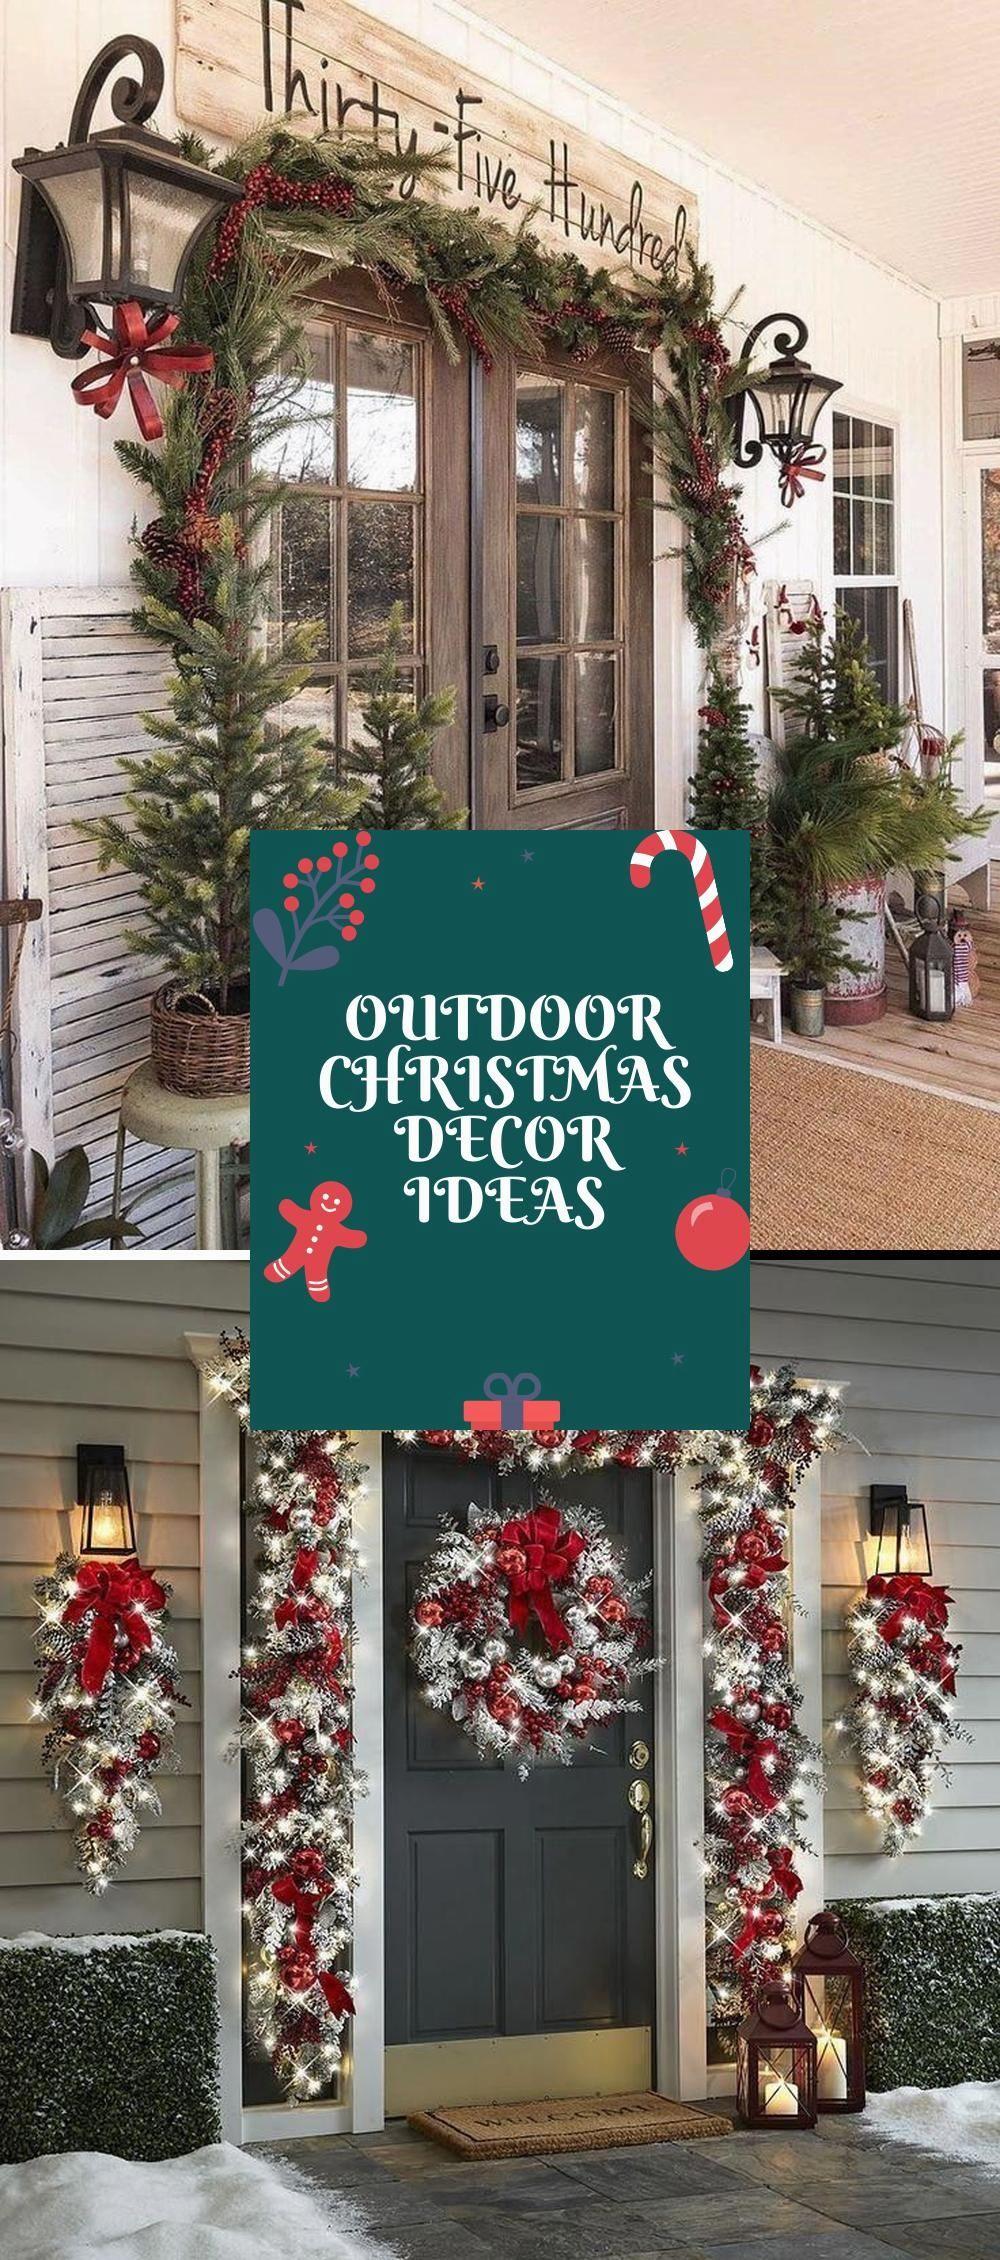 Outdoor Christmas Decoration Ideas Outdoor Christmas Best Outdoor Christmas Decorations Garden Christmas Decor